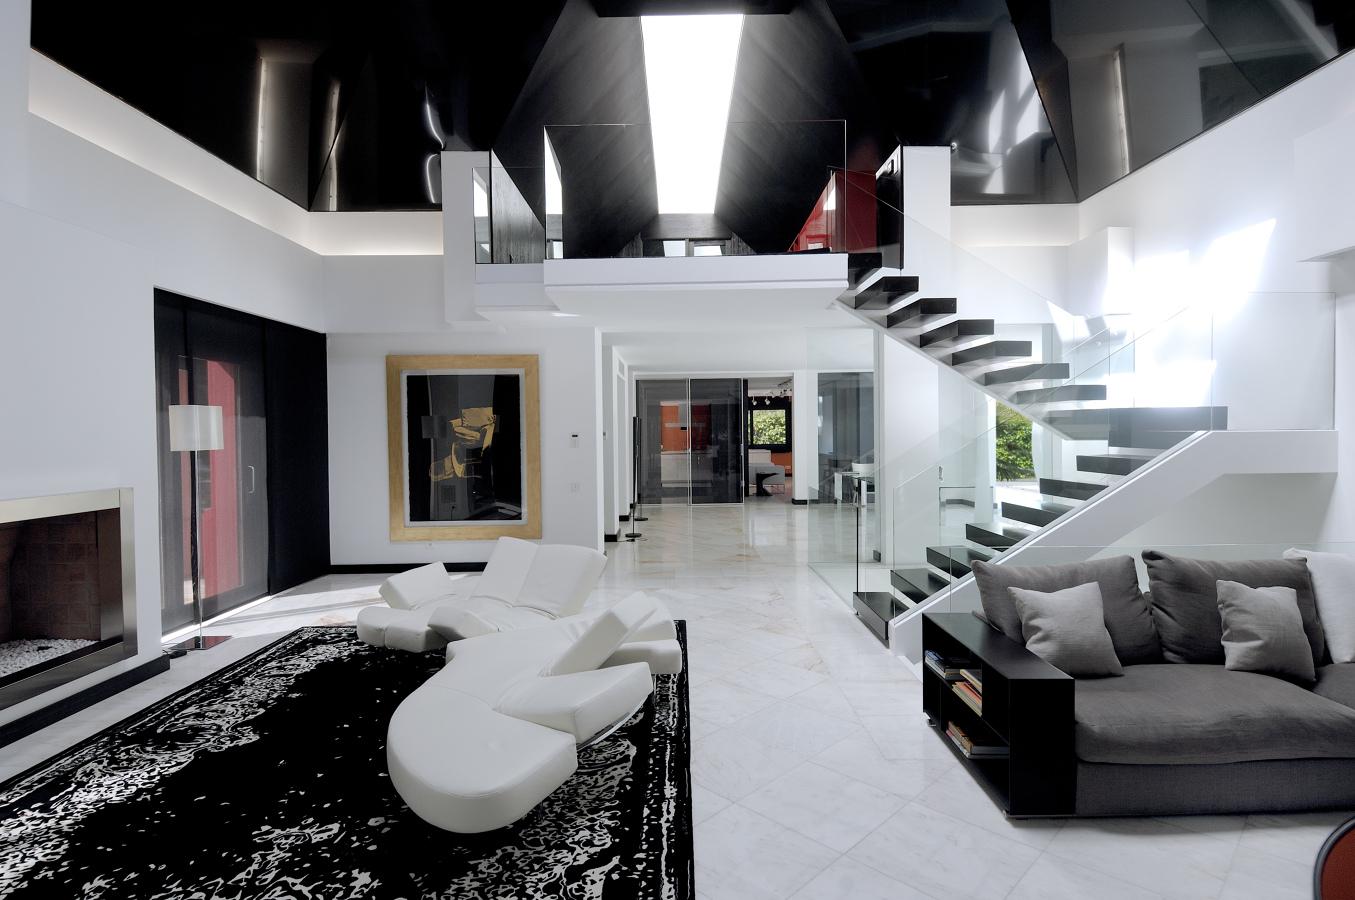 Foto interiorismo y decoraci n de un familiar en la moraleja de hita architekts 203563 - Interiorismo ciudad real ...